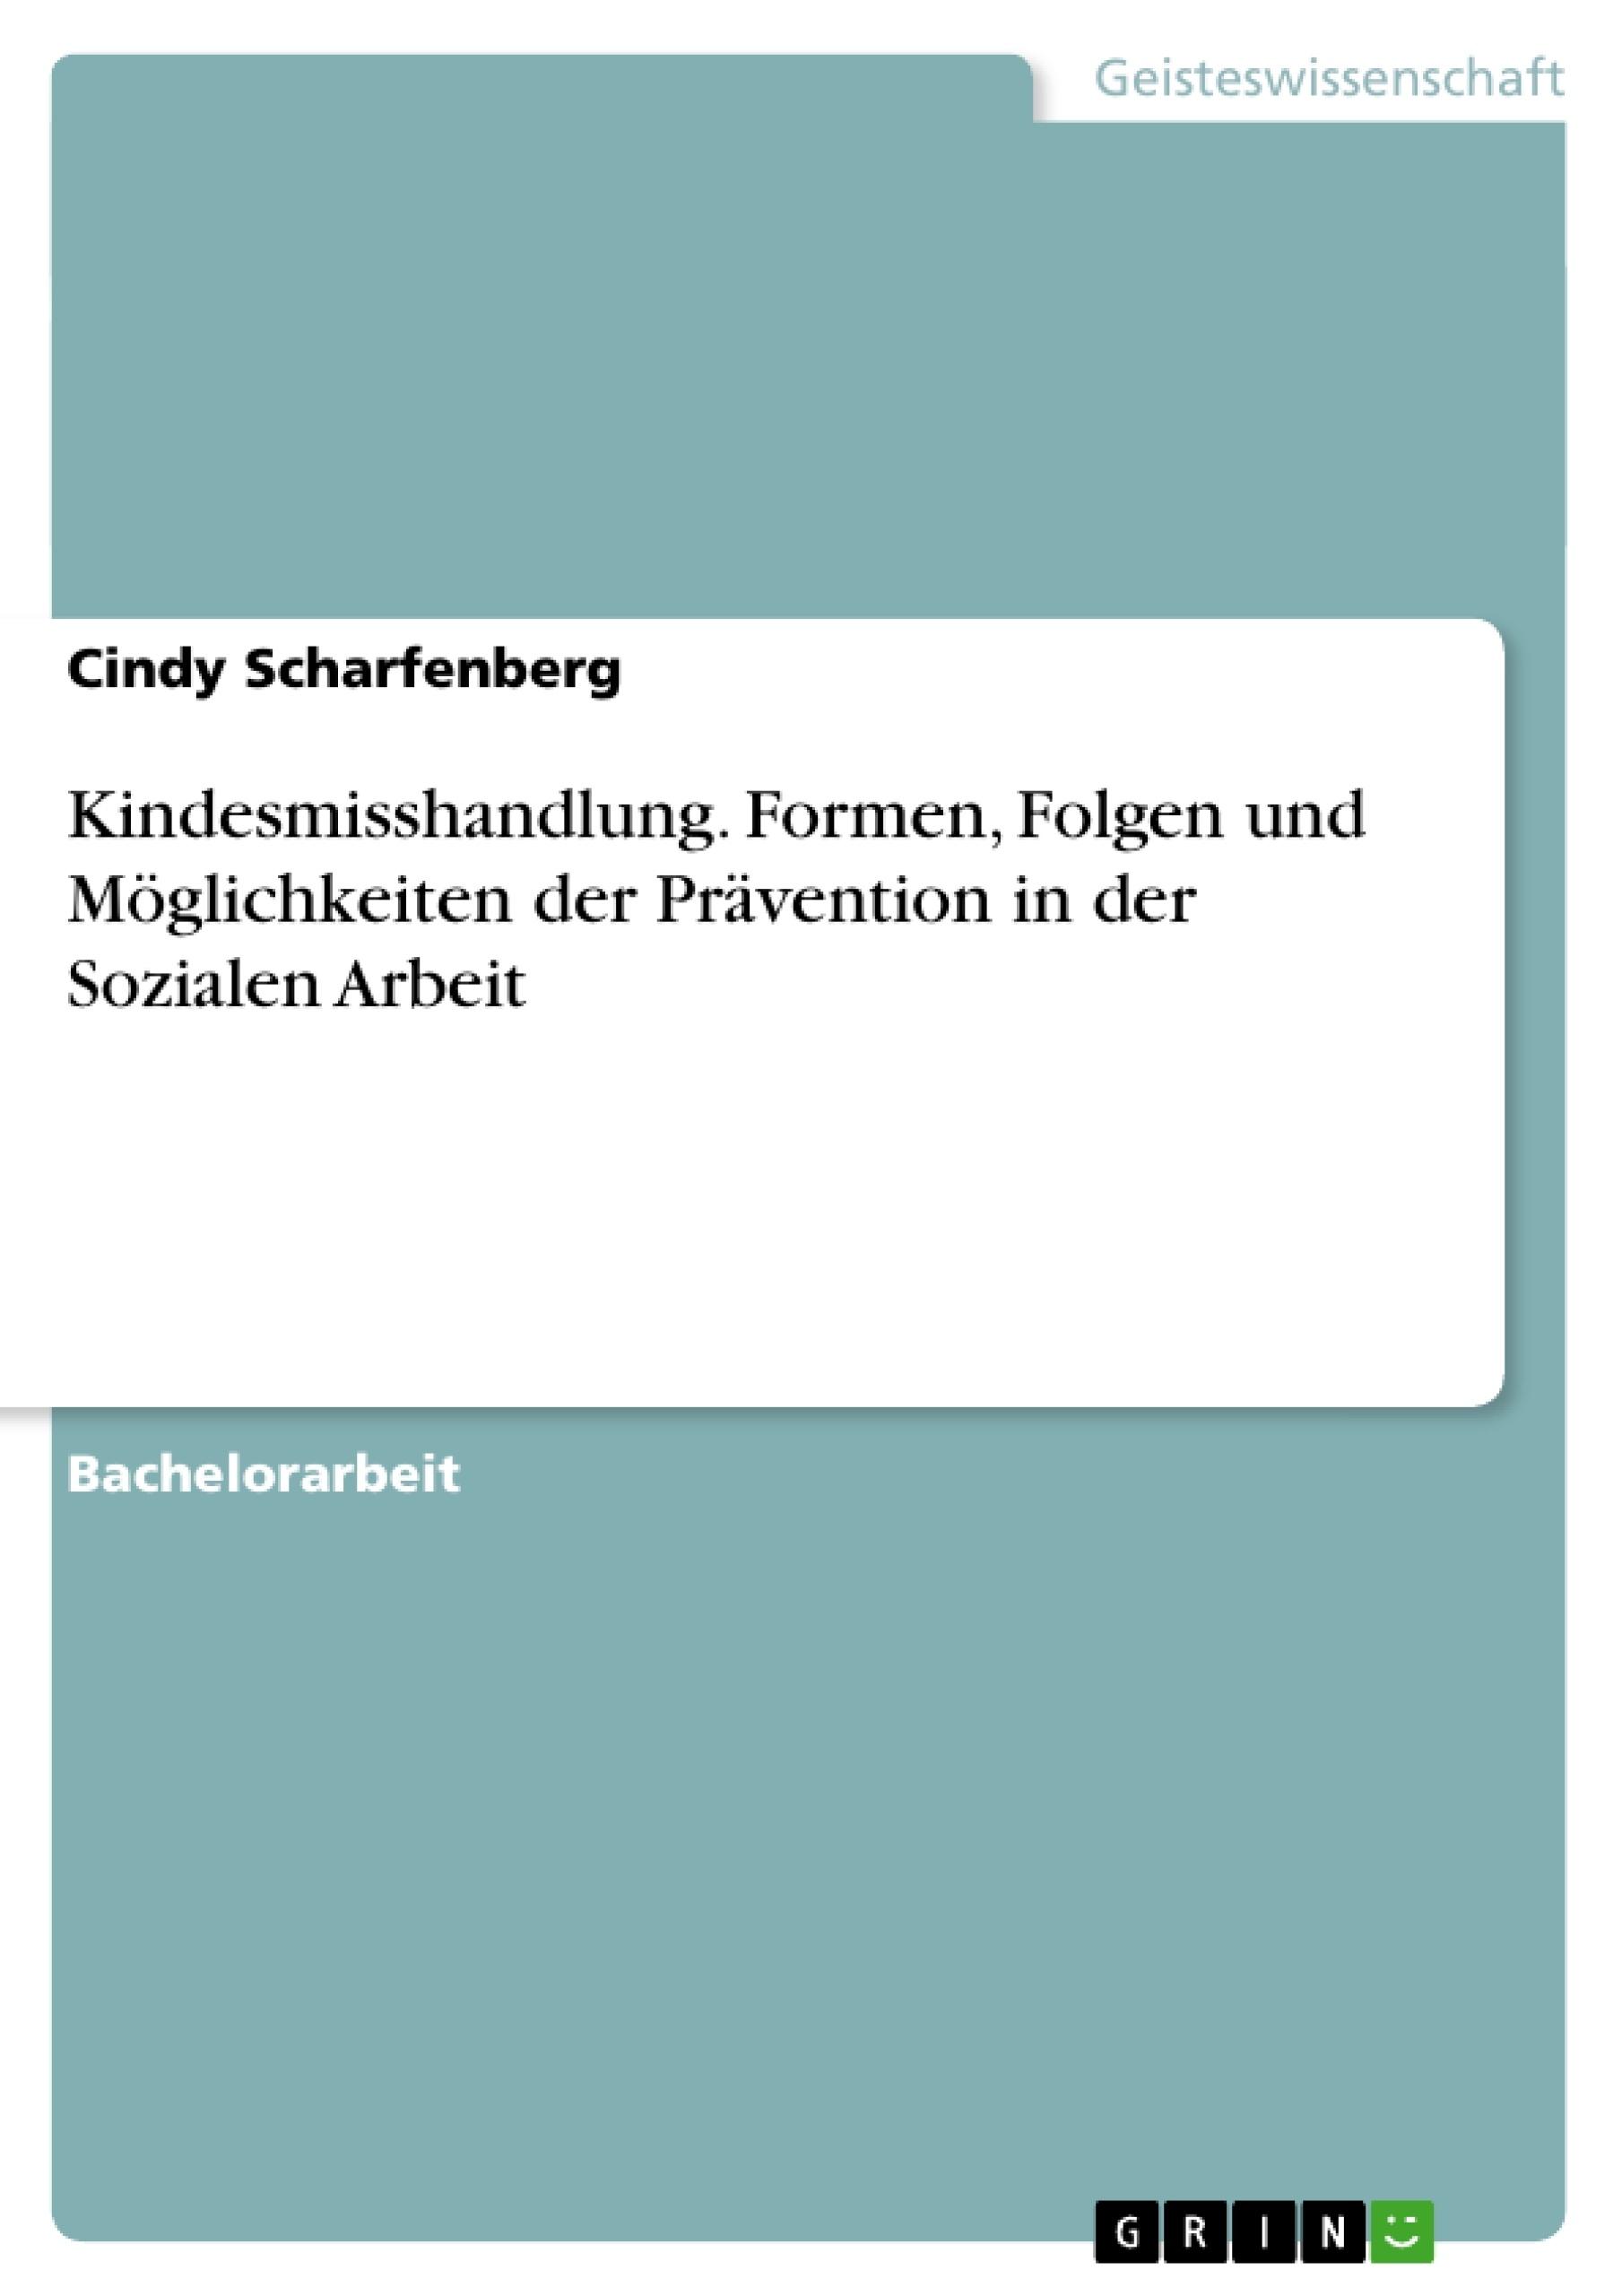 Titel: Kindesmisshandlung. Formen, Folgen und Möglichkeiten der Prävention in der Sozialen Arbeit